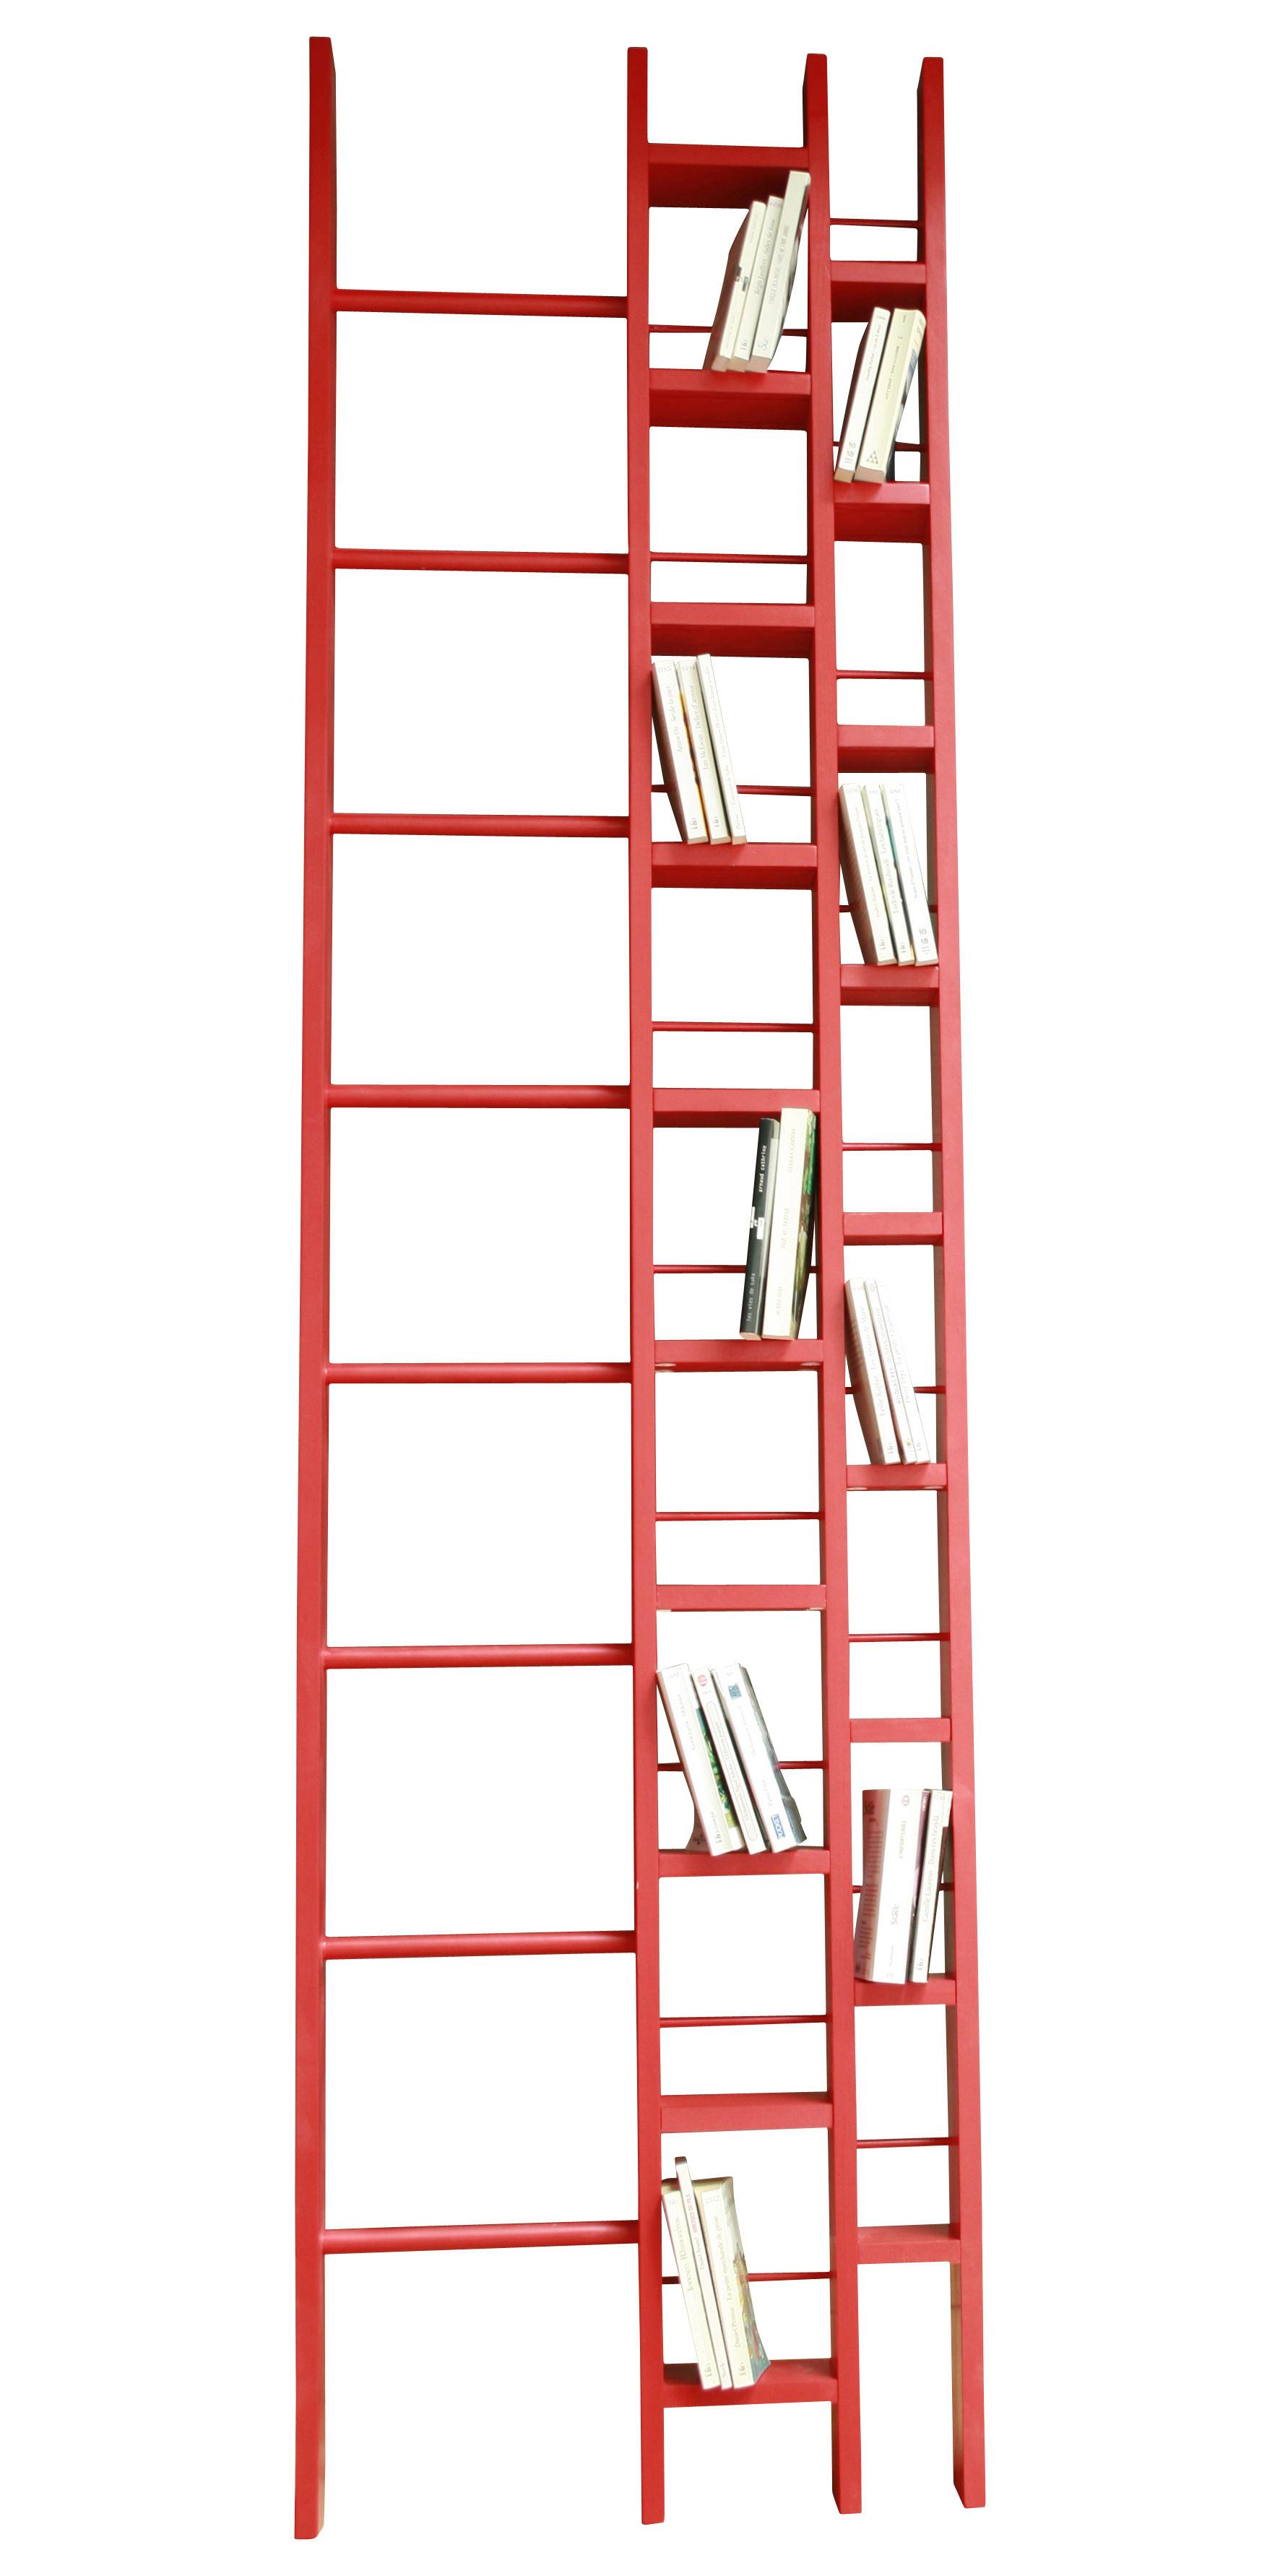 Mobilier - Etagères & bibliothèques - Bibliothèque Hô / L 64 x H 240 cm - La Corbeille - Rouge - Hêtre massif laqué